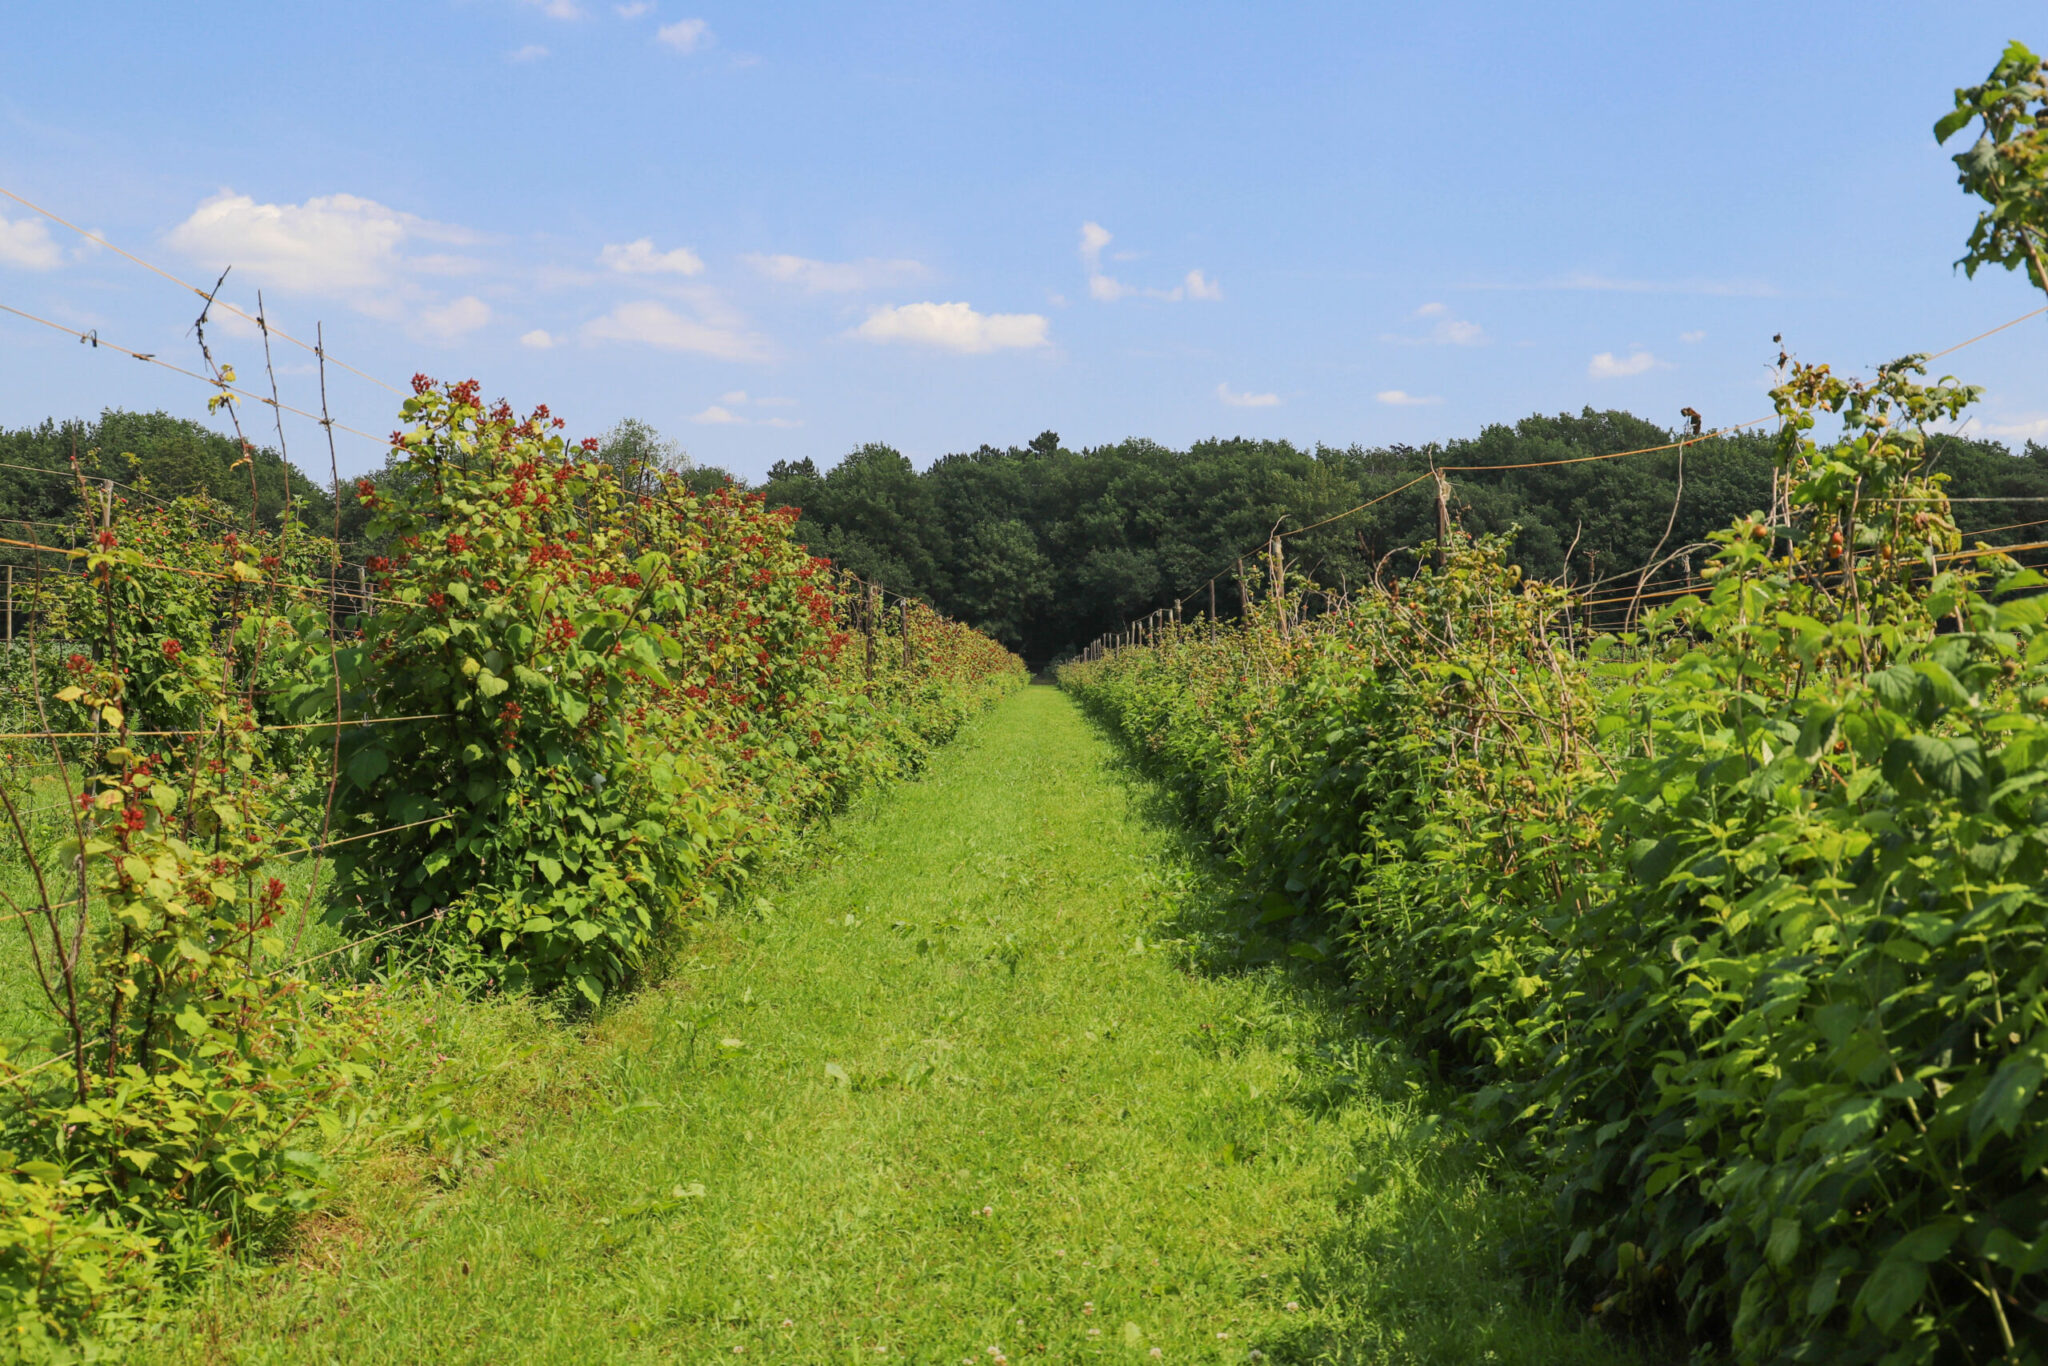 kers kersen franken fruit fruitboom boer teler